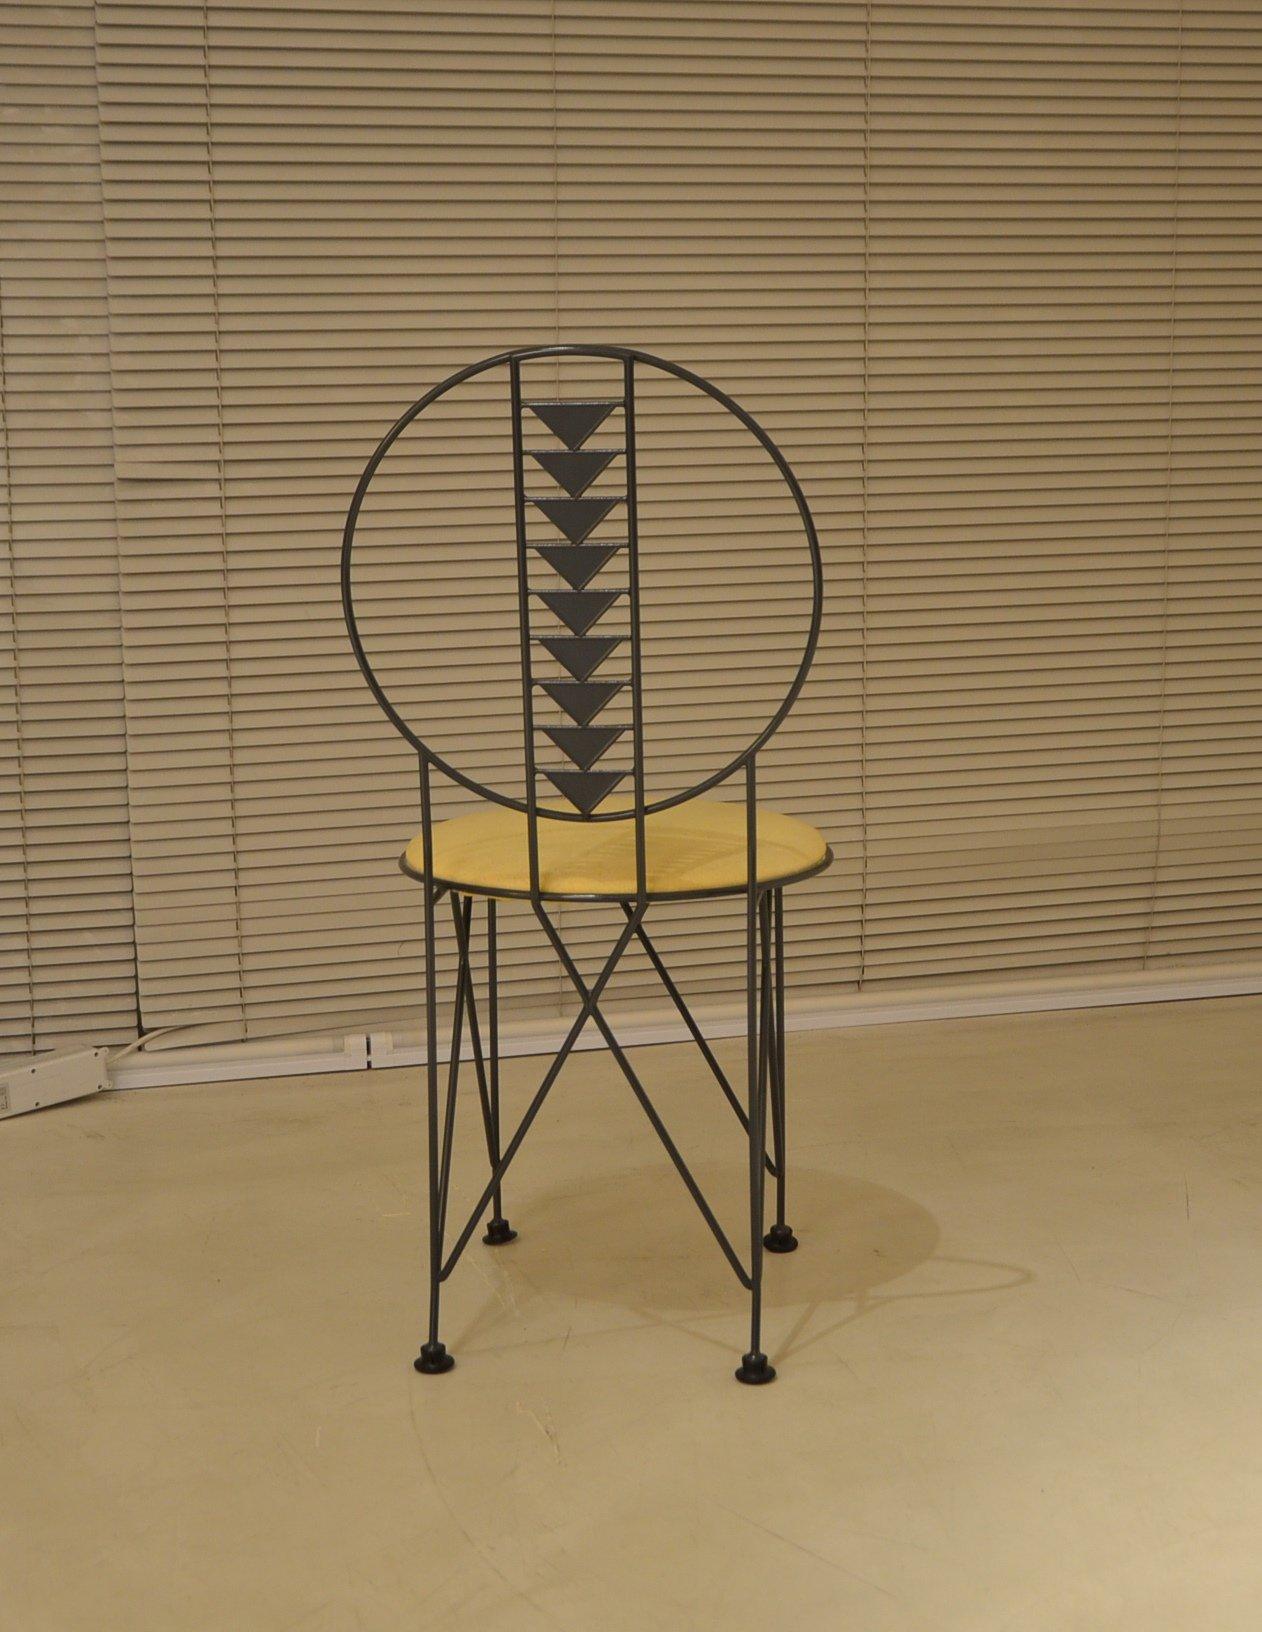 MIDWAY 2弗兰克·劳埃德·赖特·卡西纳原创椅子设计意大利制造